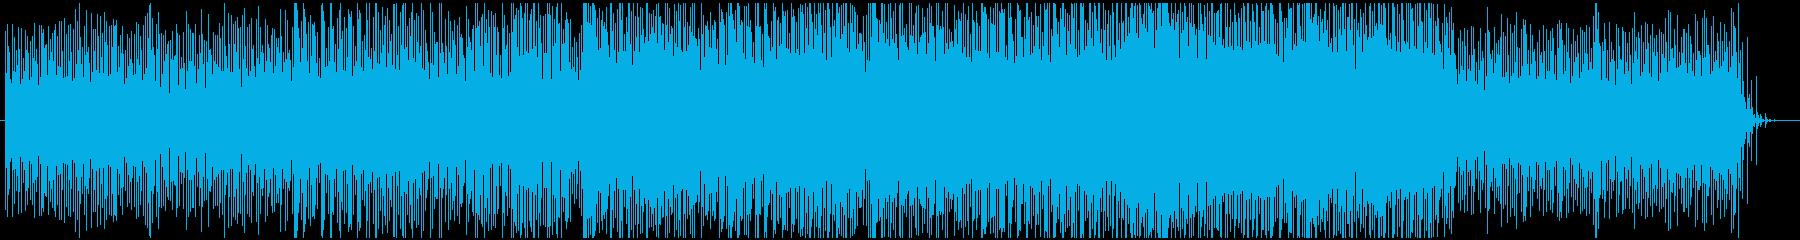 未来感溢れるBGMの再生済みの波形